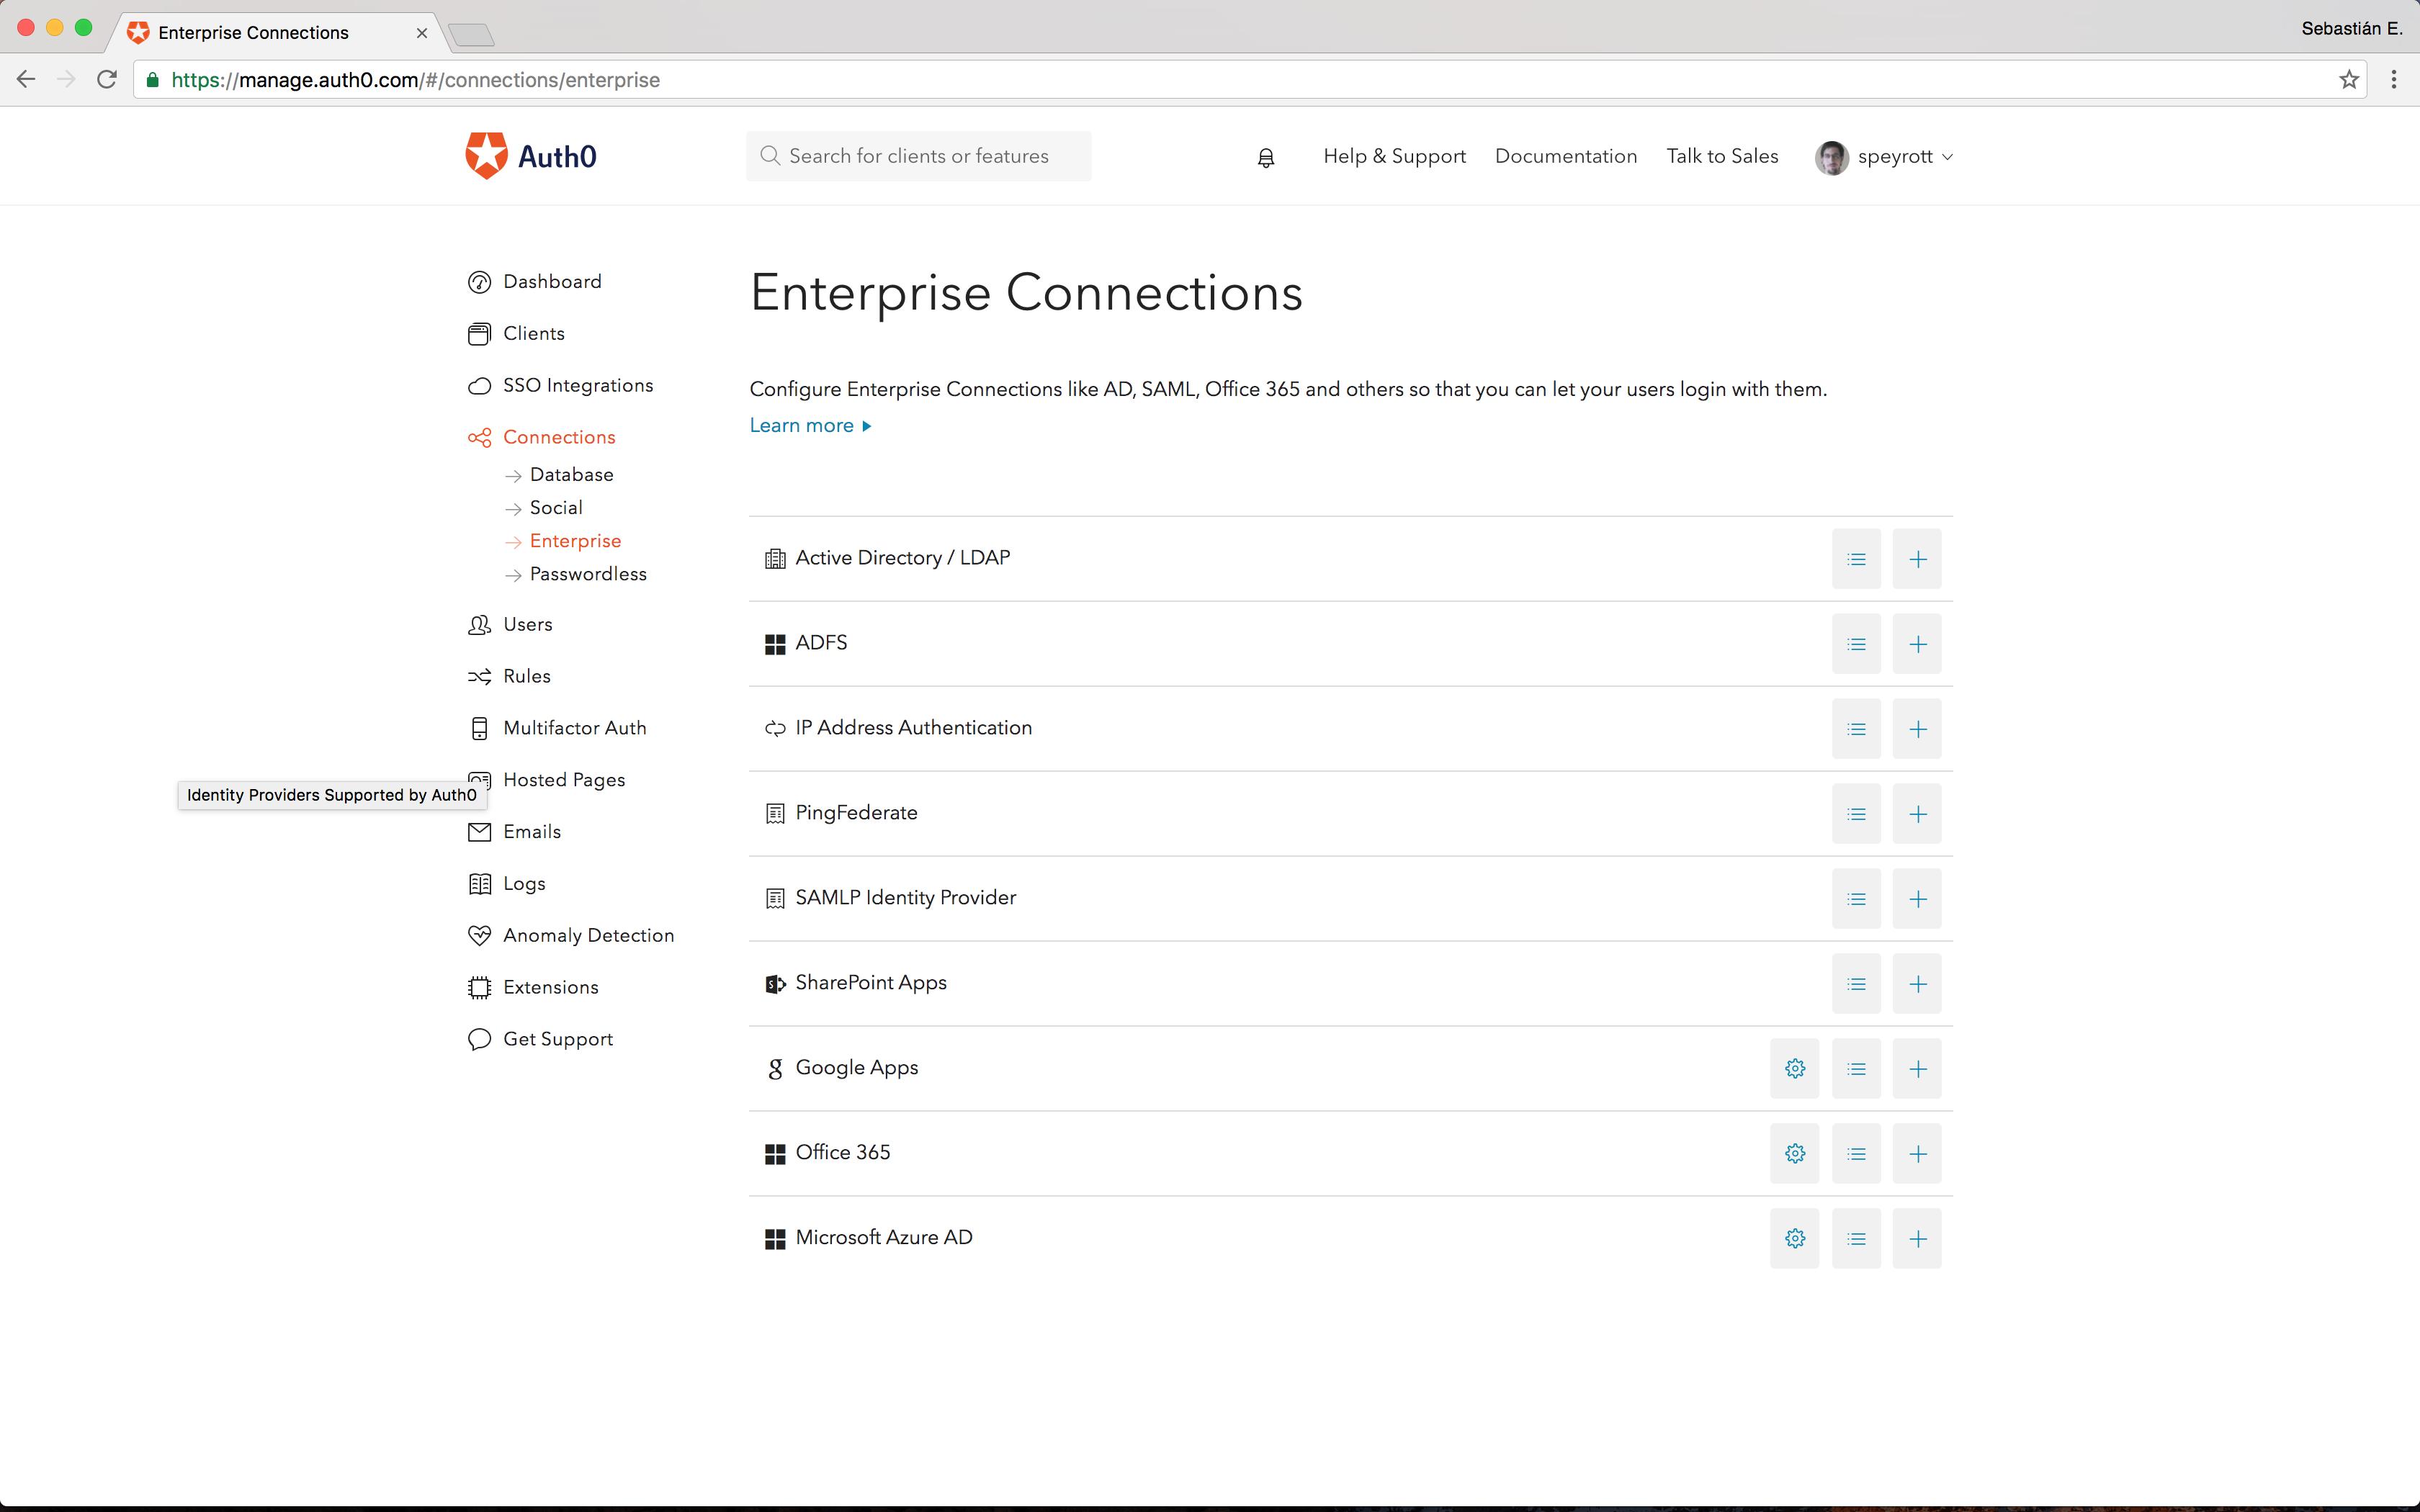 Auth0 enterprise connections